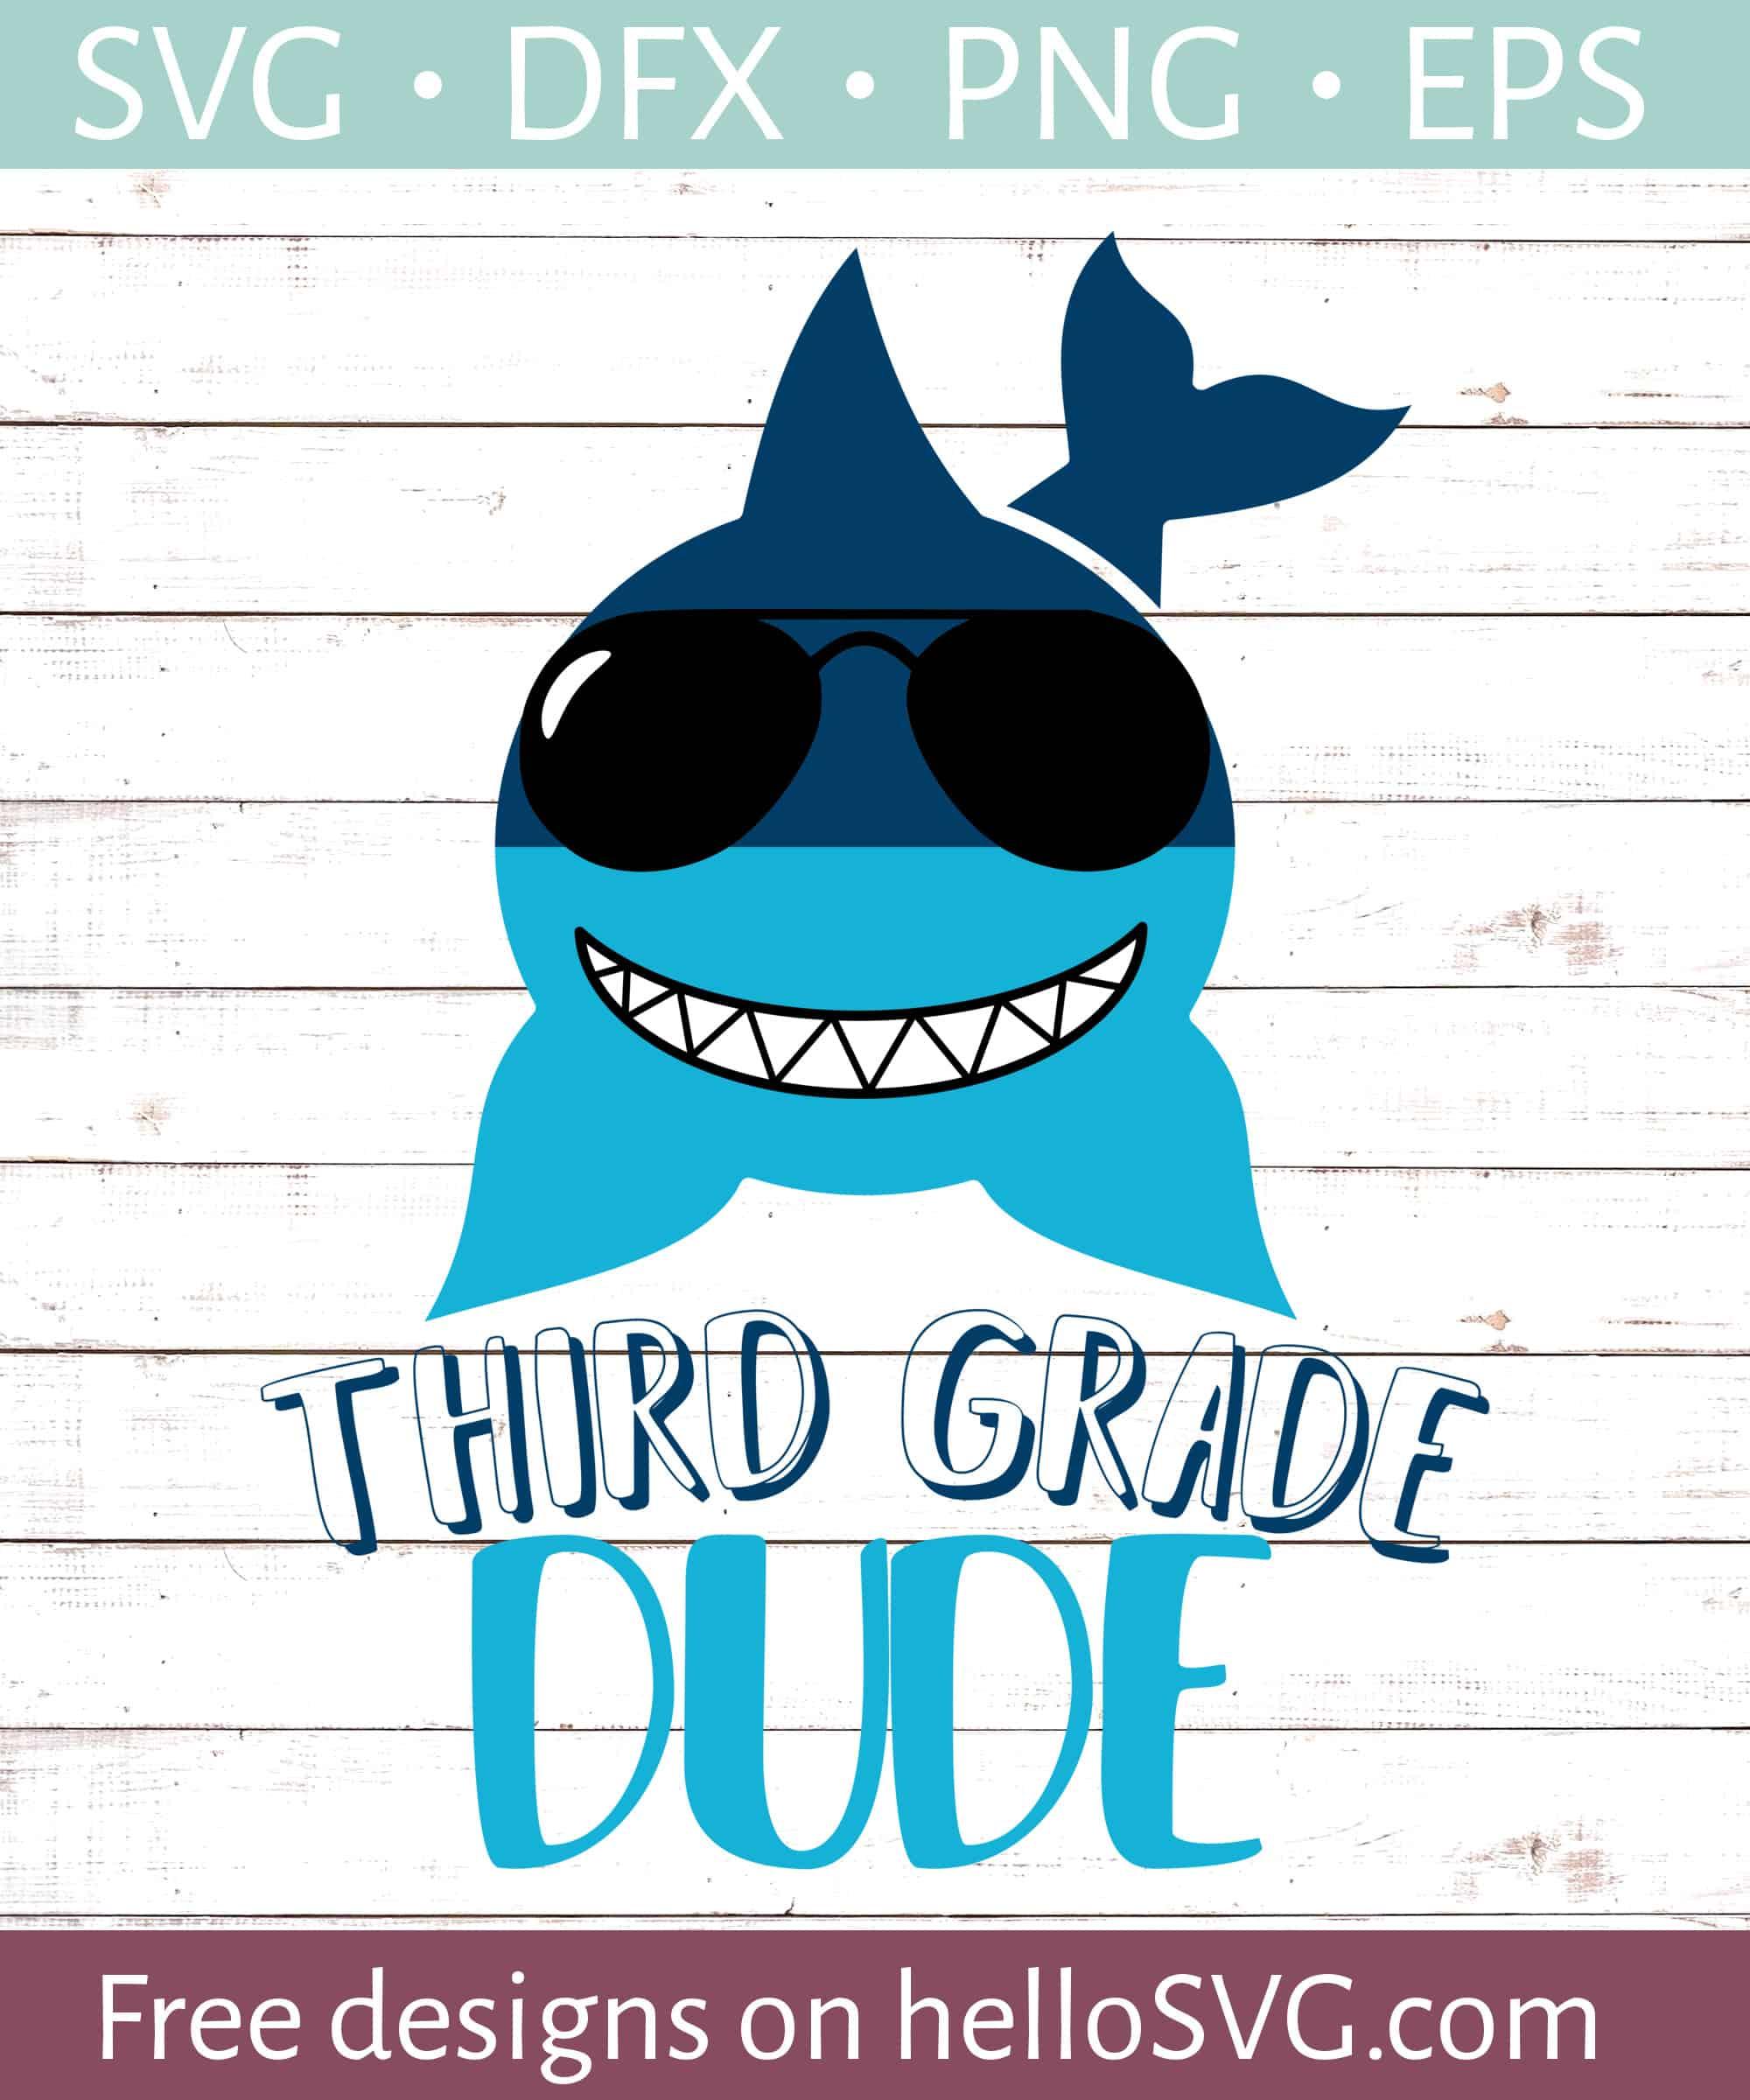 Third Grade Dude